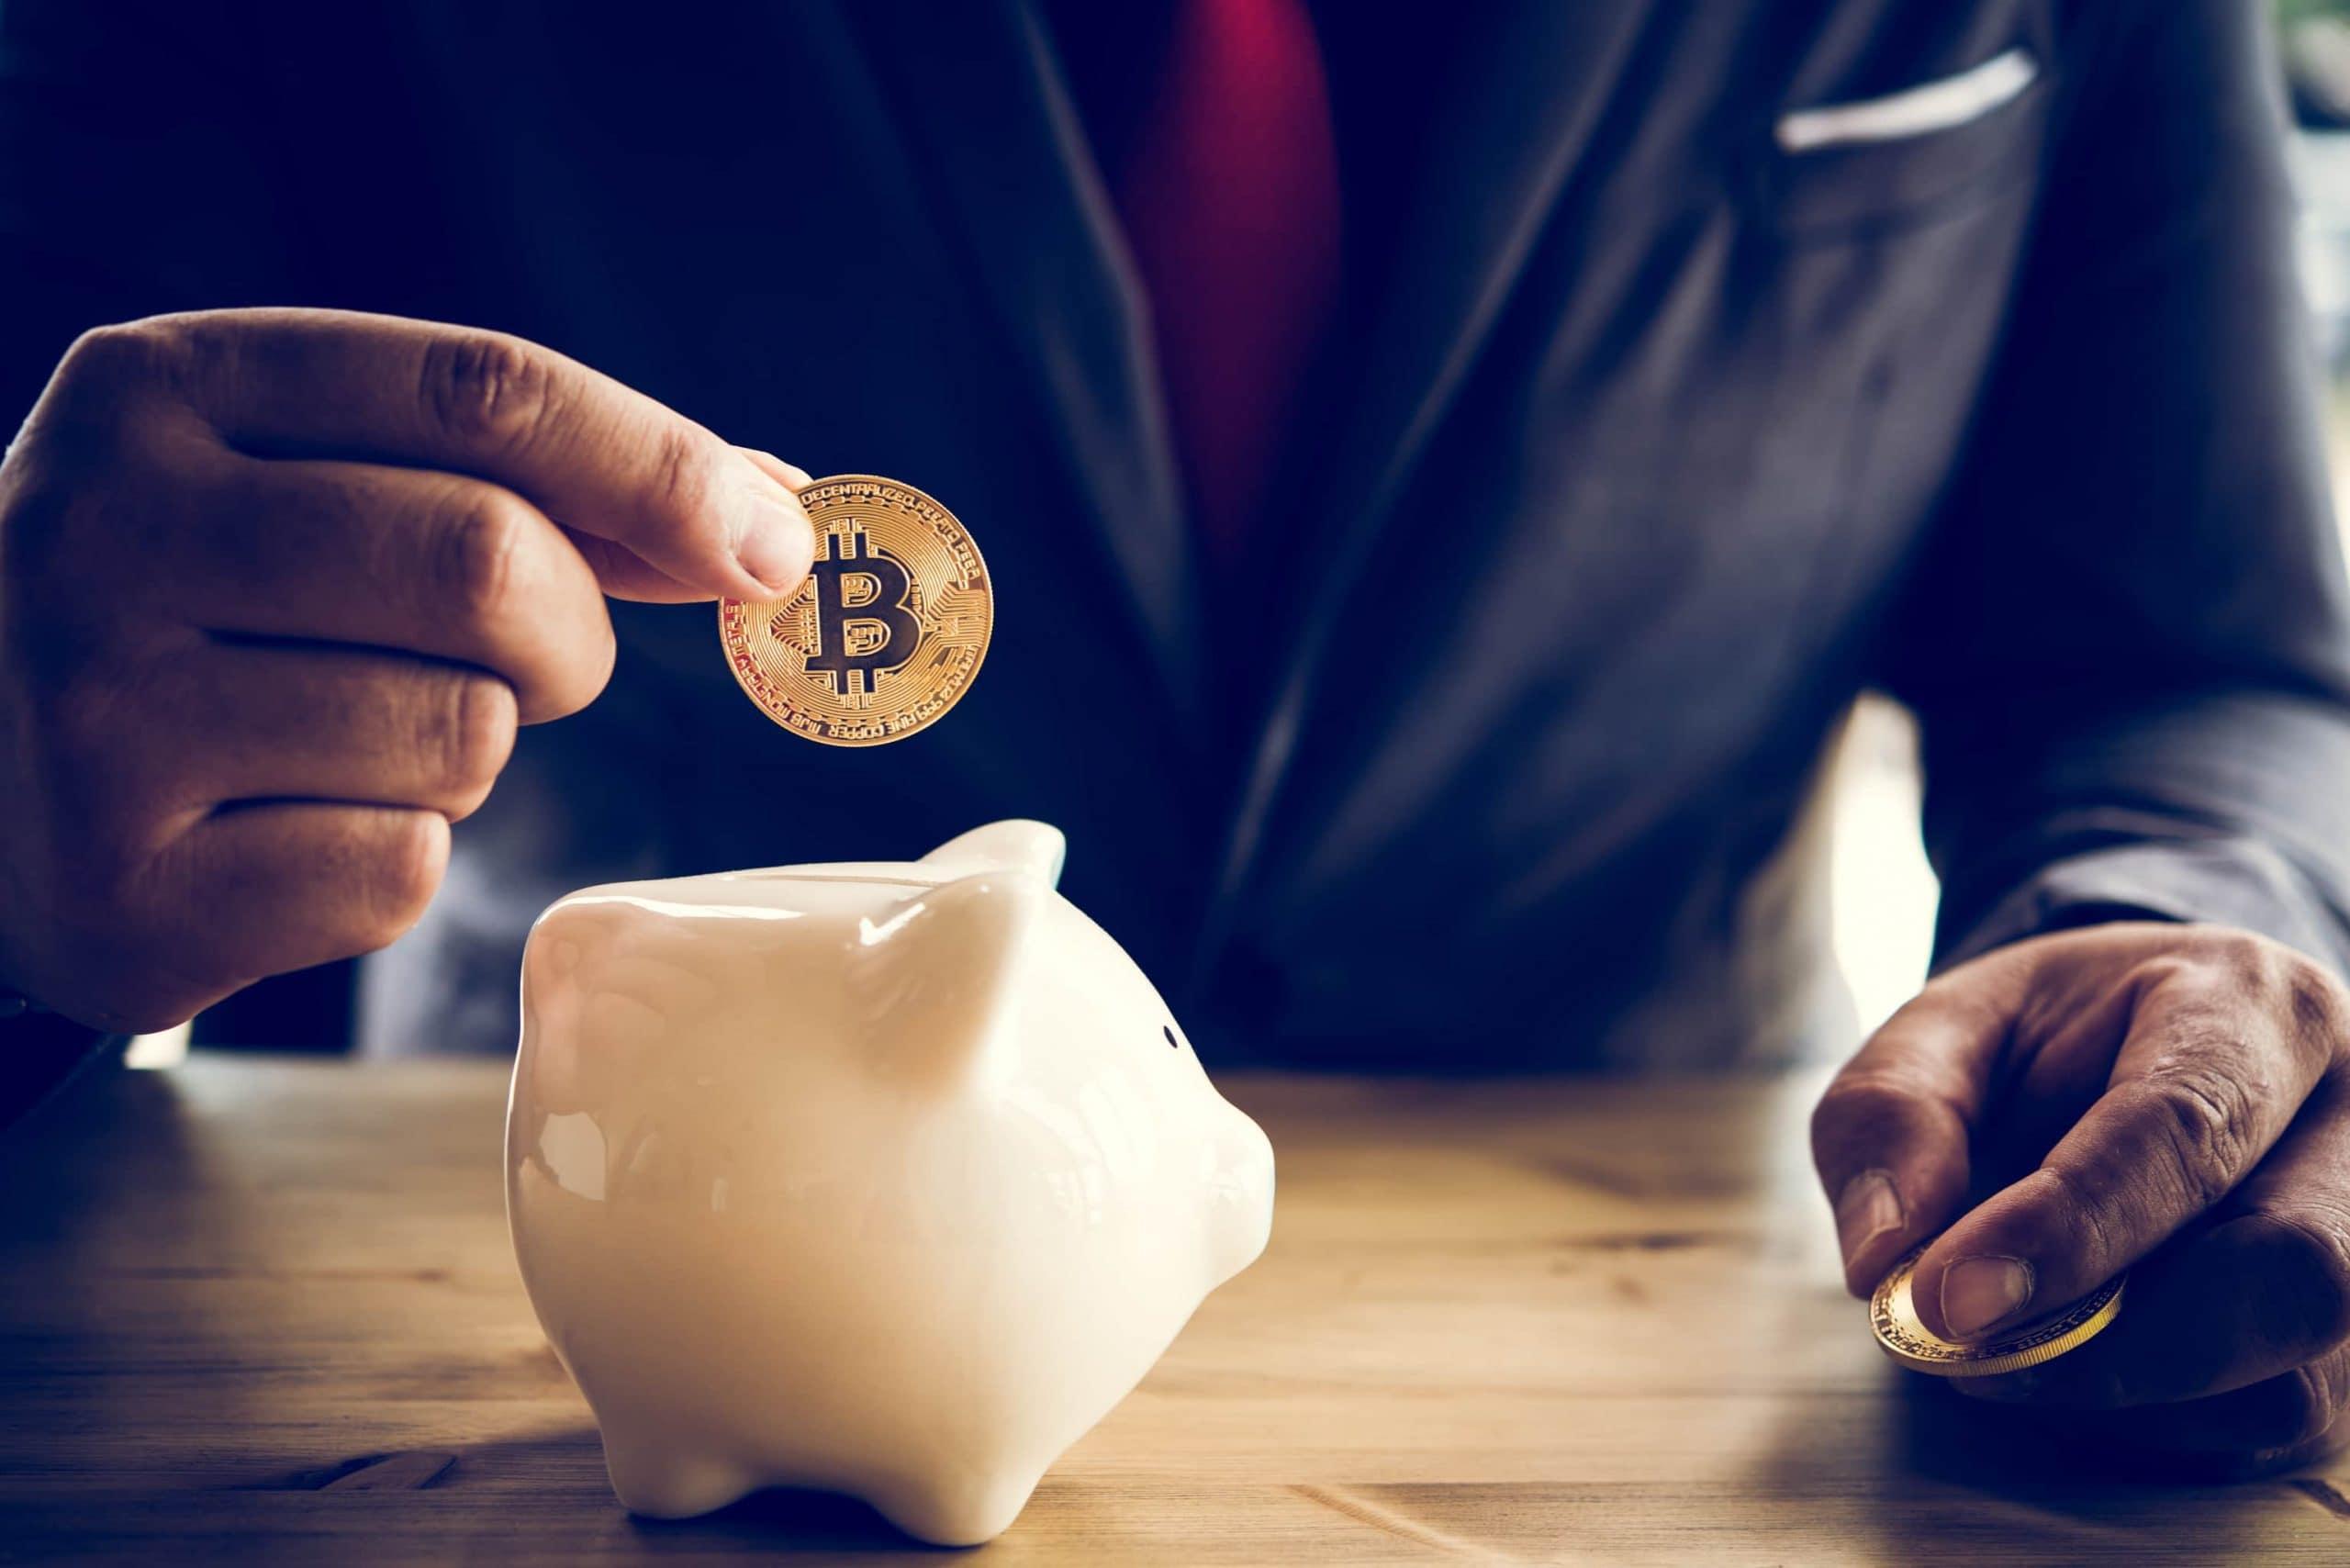 Ein Geschäftsmann steckt eine Bitcoin-Münze in ein Sparschwein